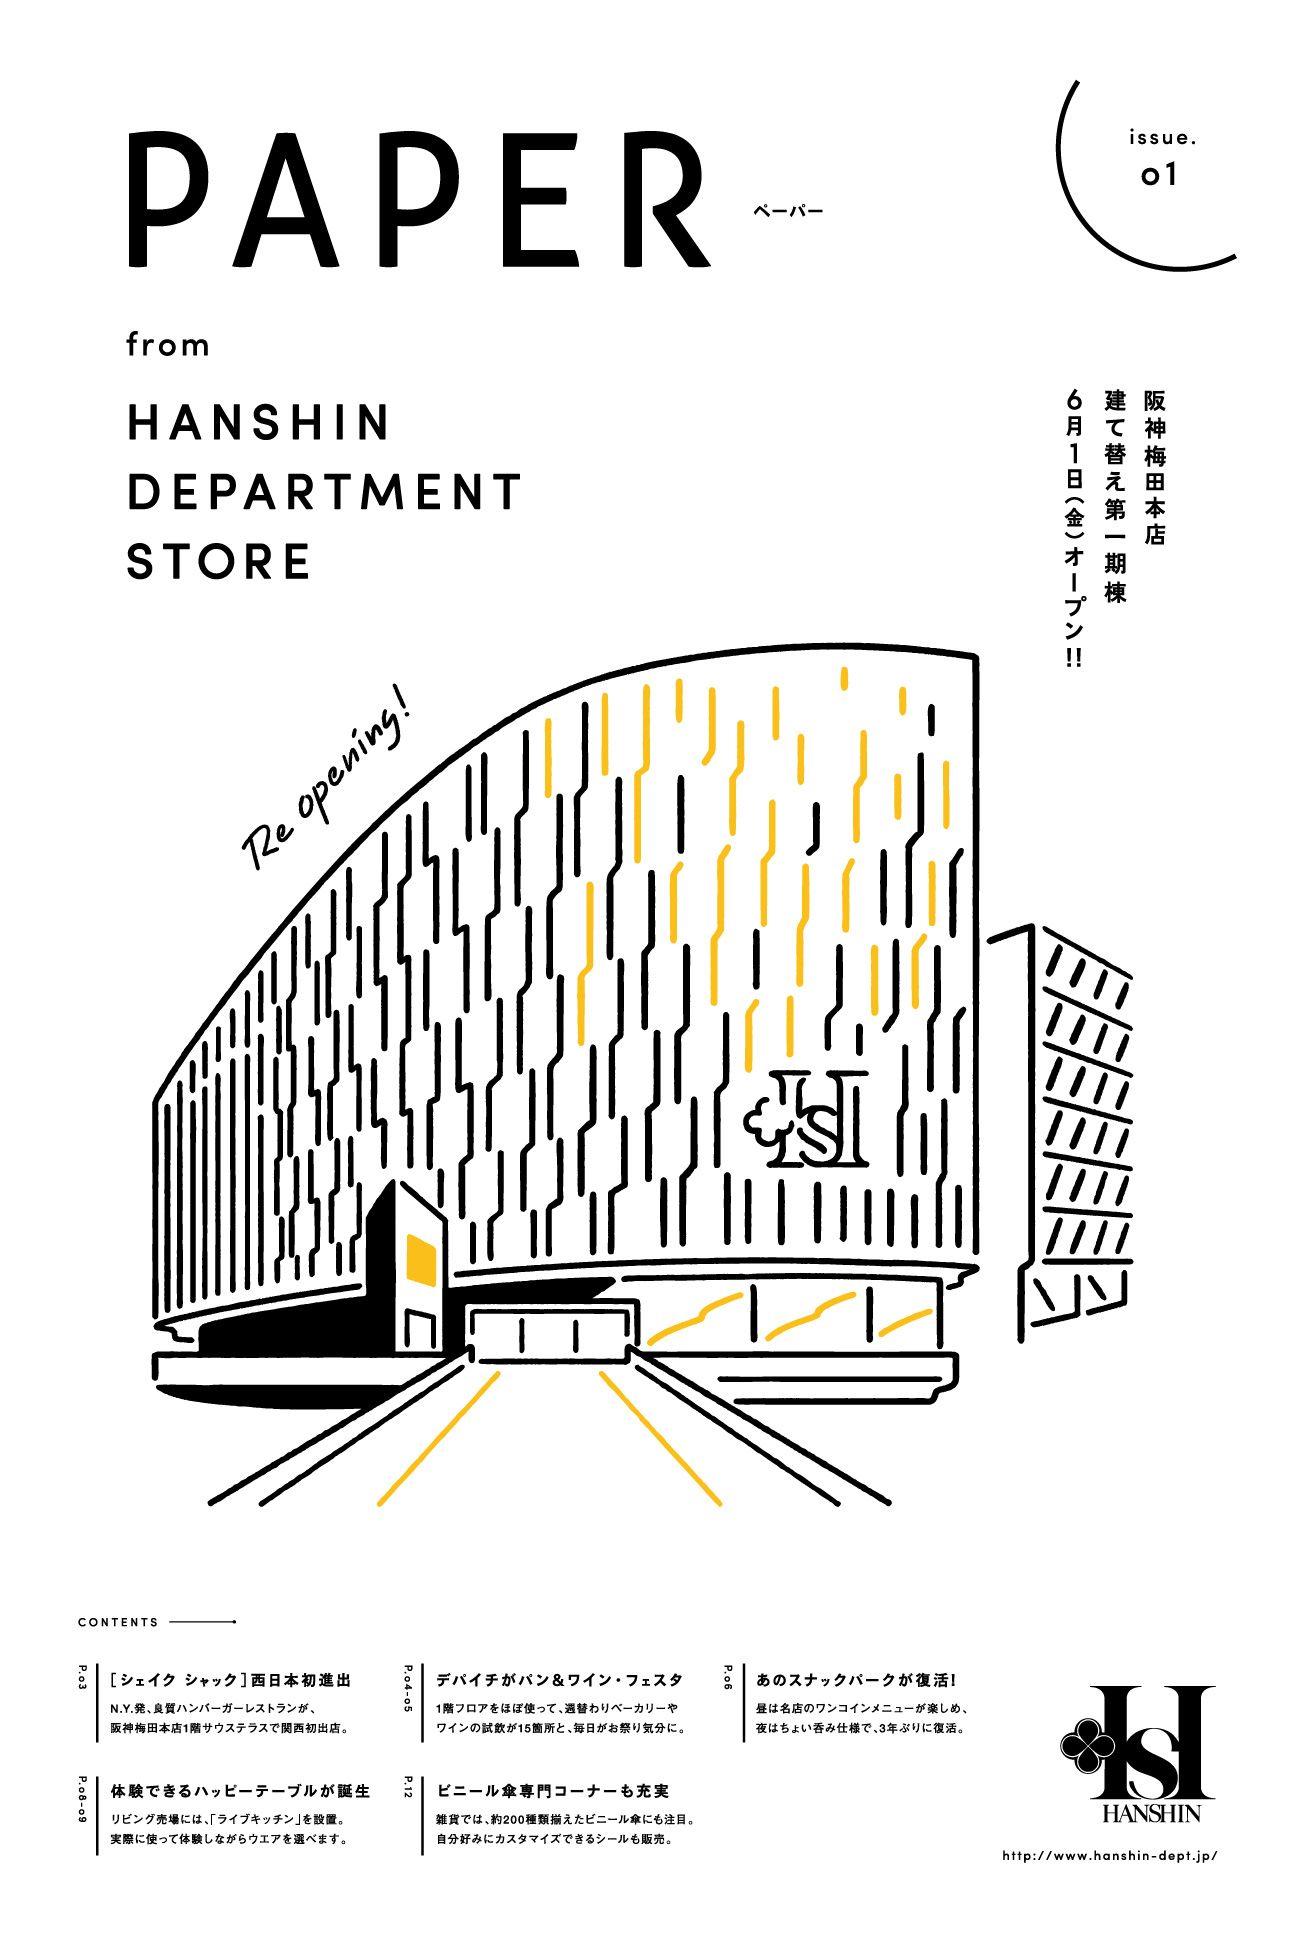 Paper Issue 01 阪神百貨店 グラフィックデザインのポスター 日本のグラフィックデザイン ブックデザイン